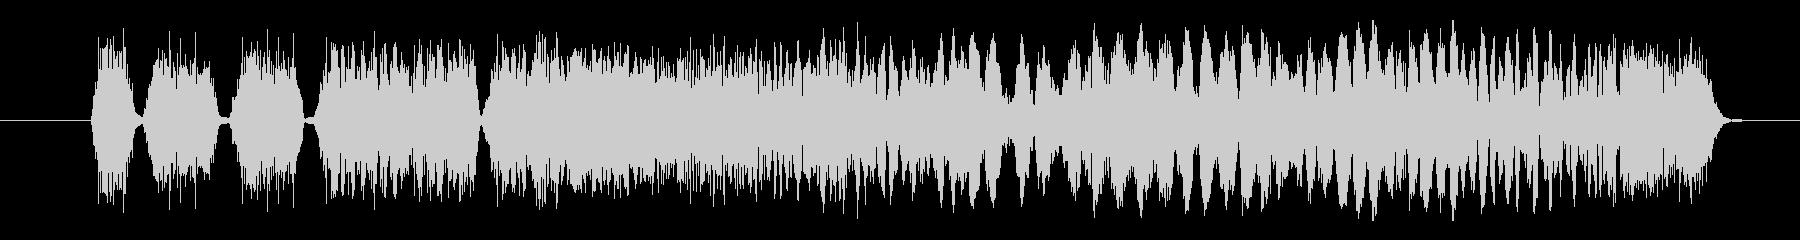 スタッタースイッチの未再生の波形